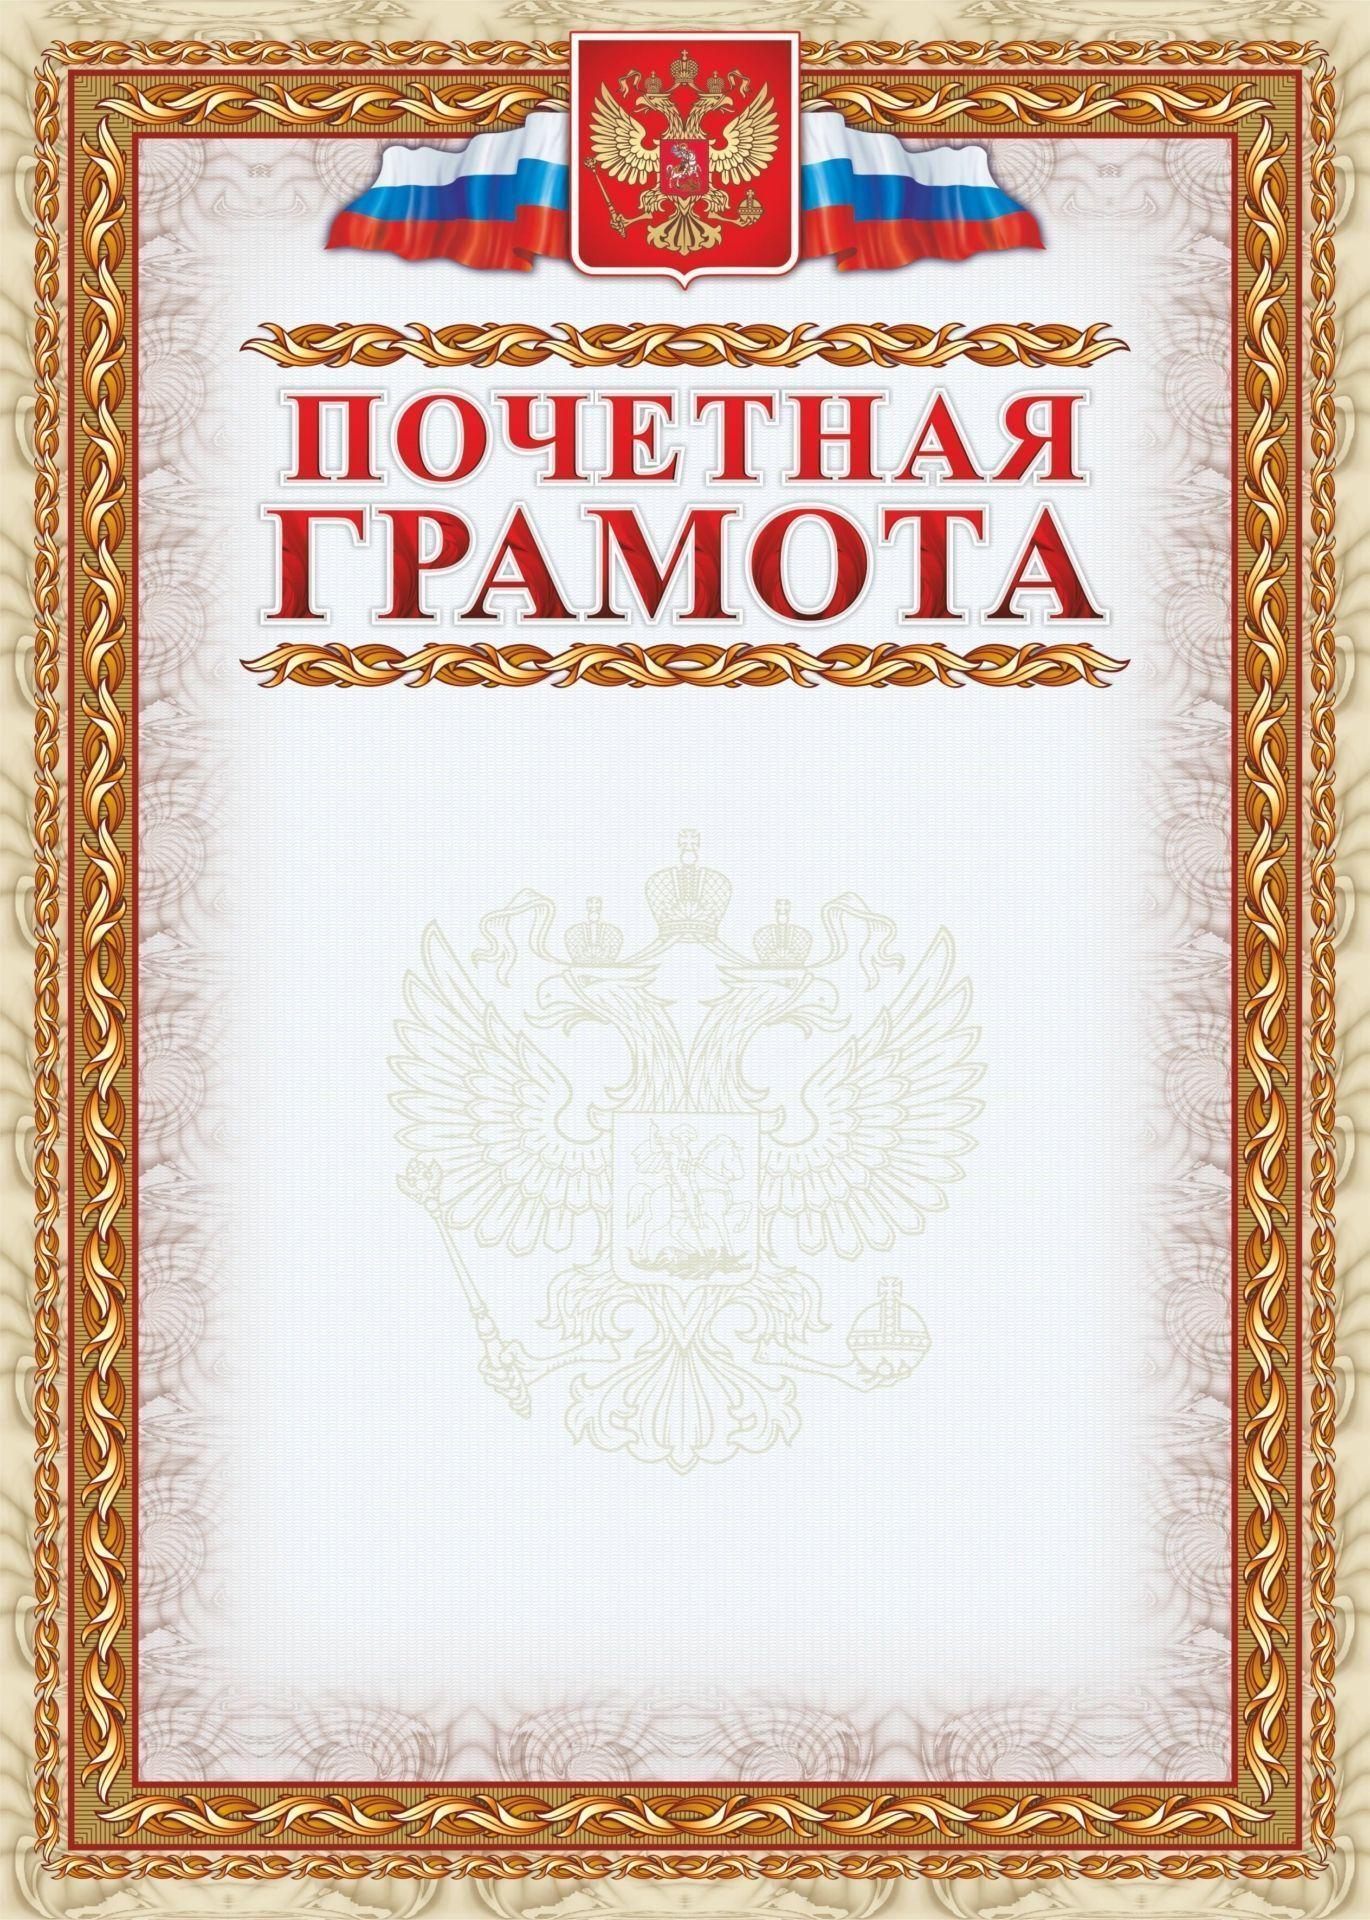 Почетная грамота (с гербом и флагом, рамка картинная) (упаковка 200шт)